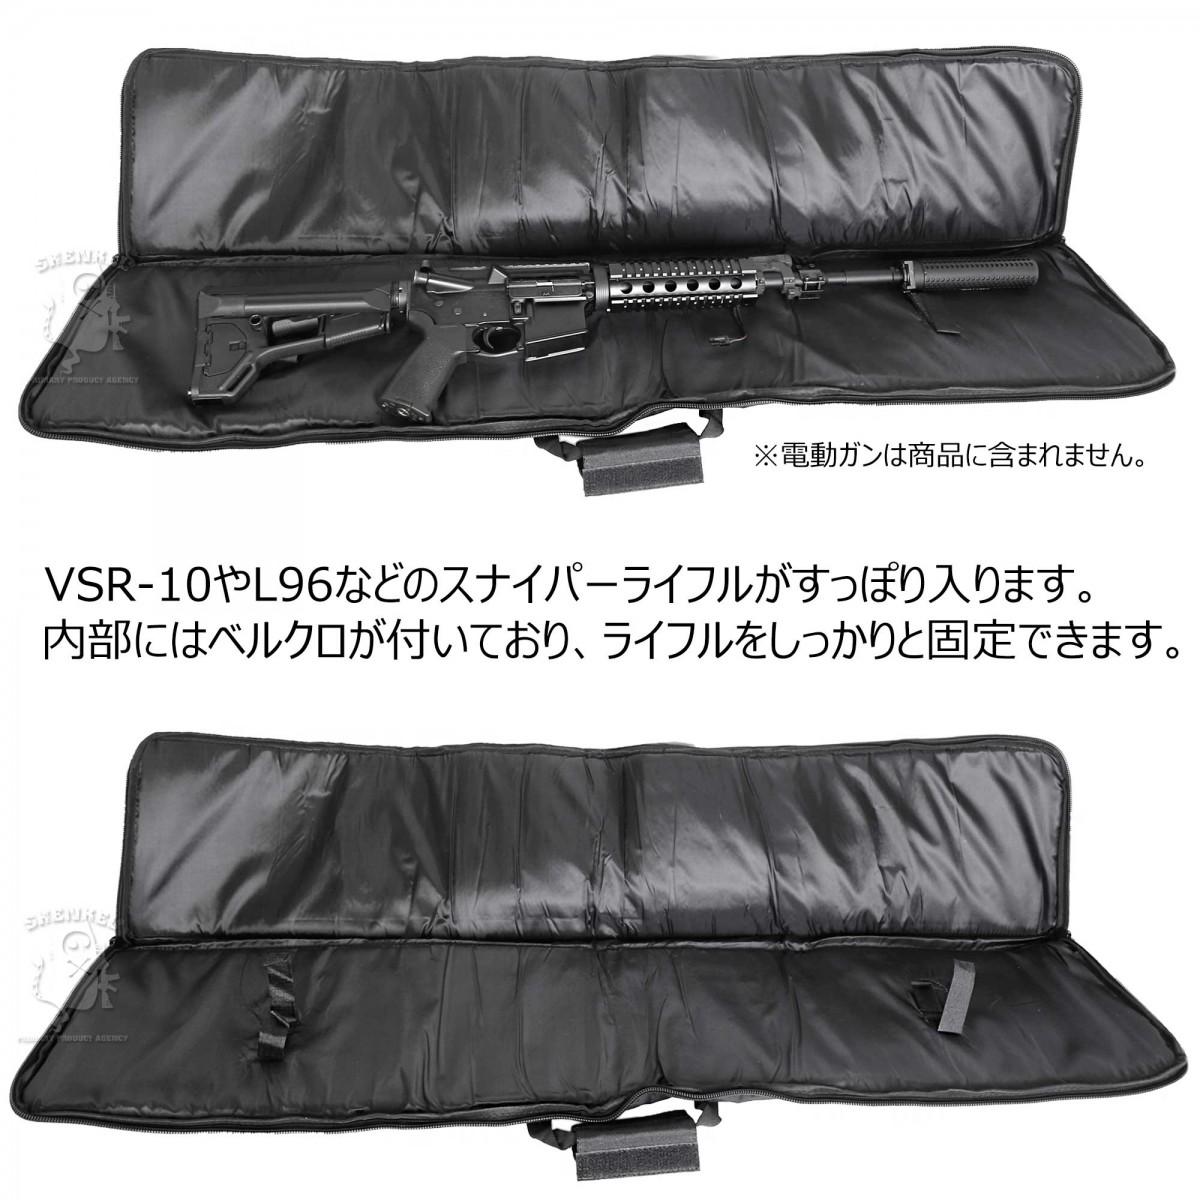 シンプル ロング ライフルケース ソフトタイプ 1170x250 BK